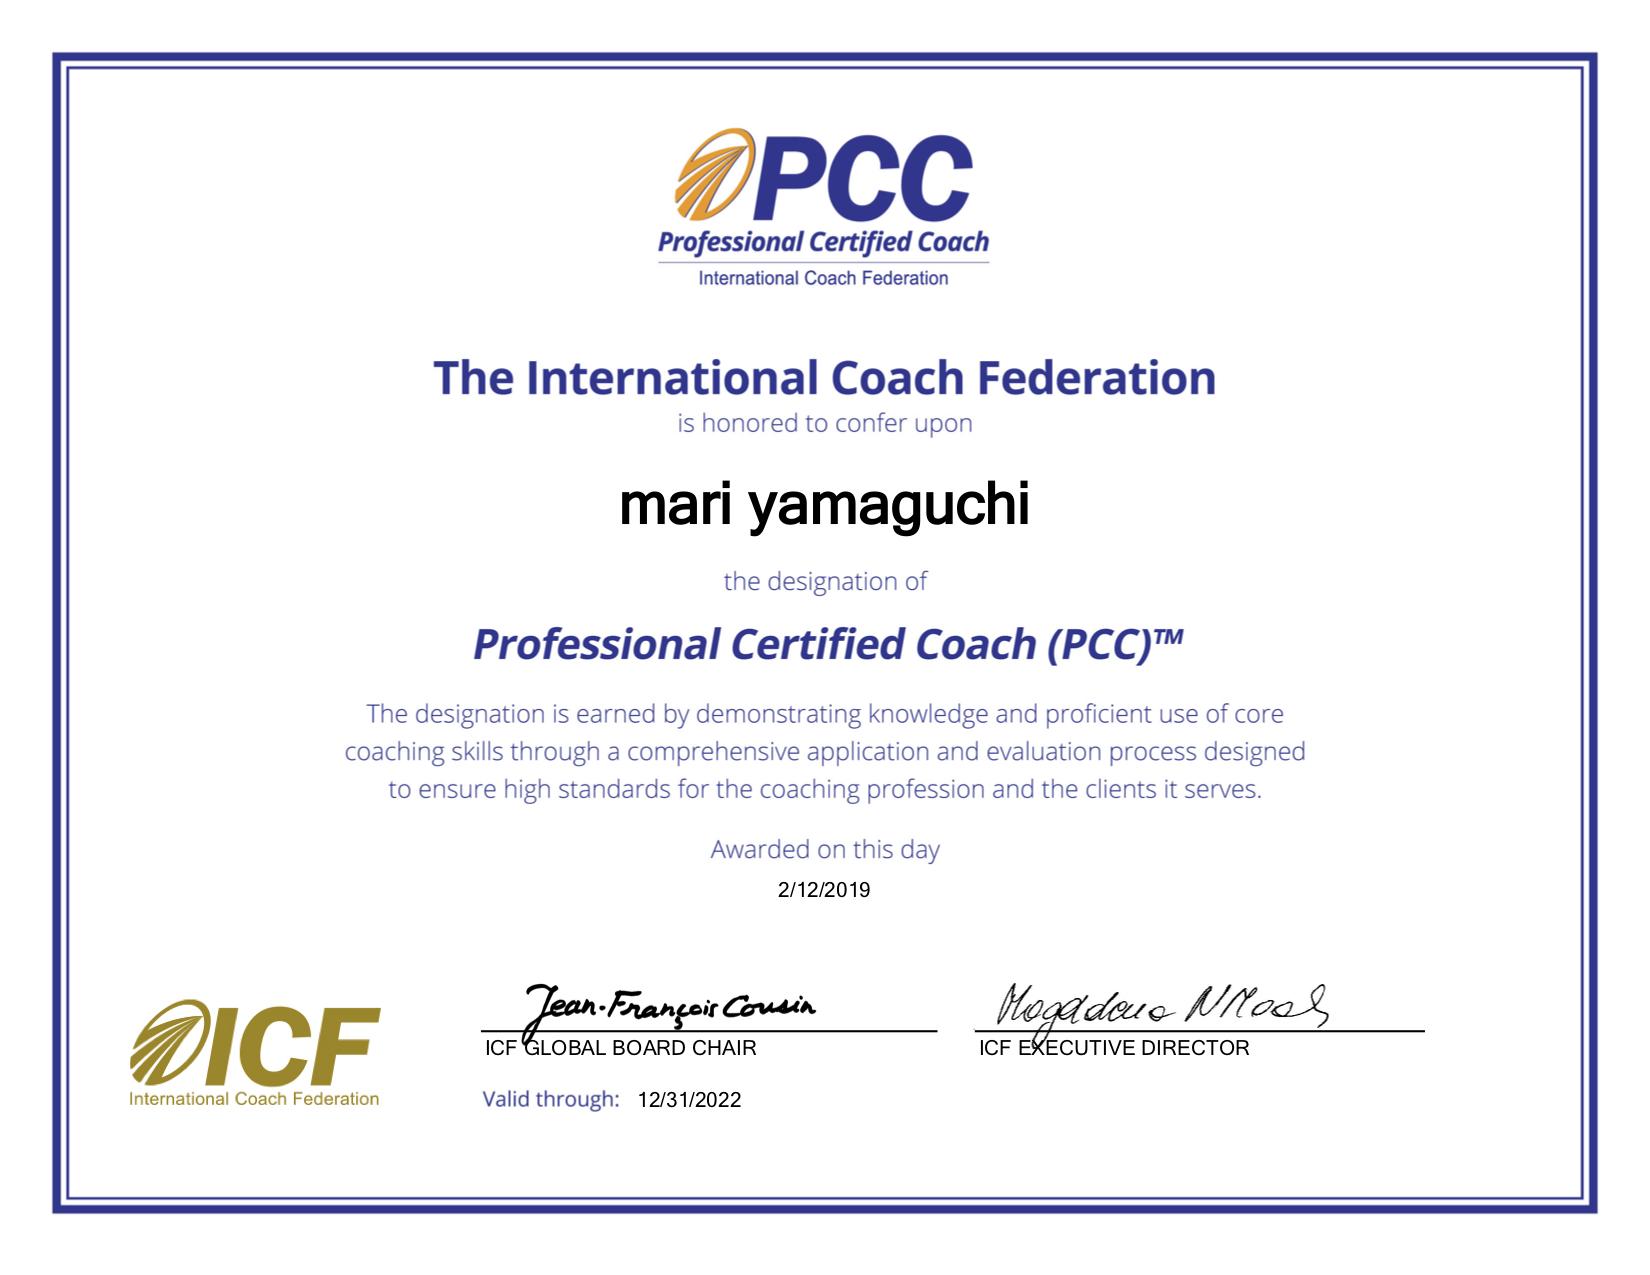 国際コーチング連盟 プロフェッショナル認定コーチ 認定書